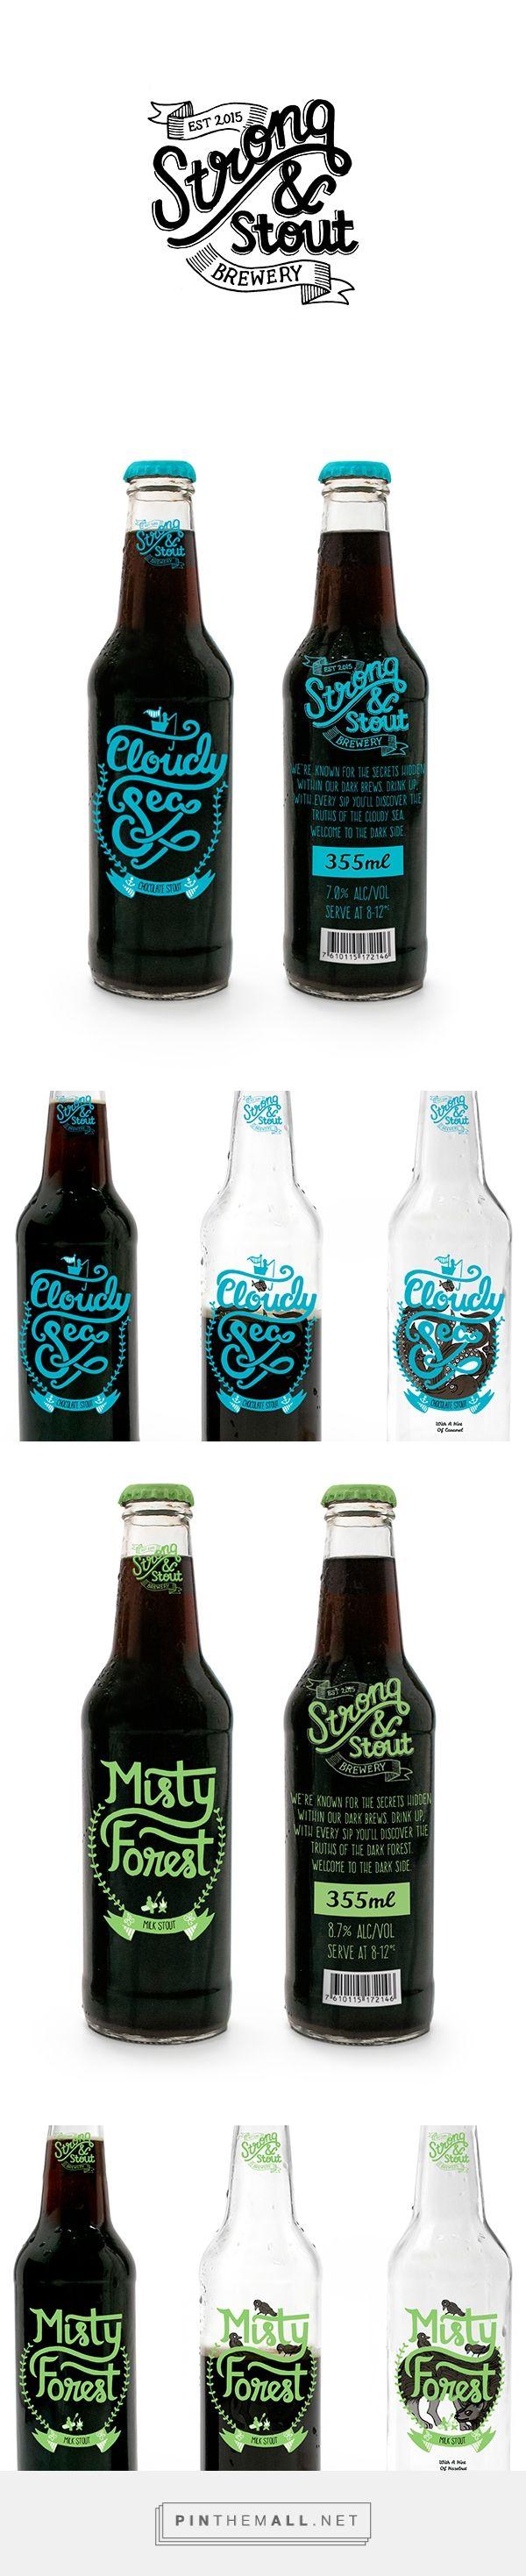 El lettering tiene estilo y cada estilo habla para cada marca. Quiero probar esta cerveza Strong & Stout Brewery packaging designed by Taylor Lee